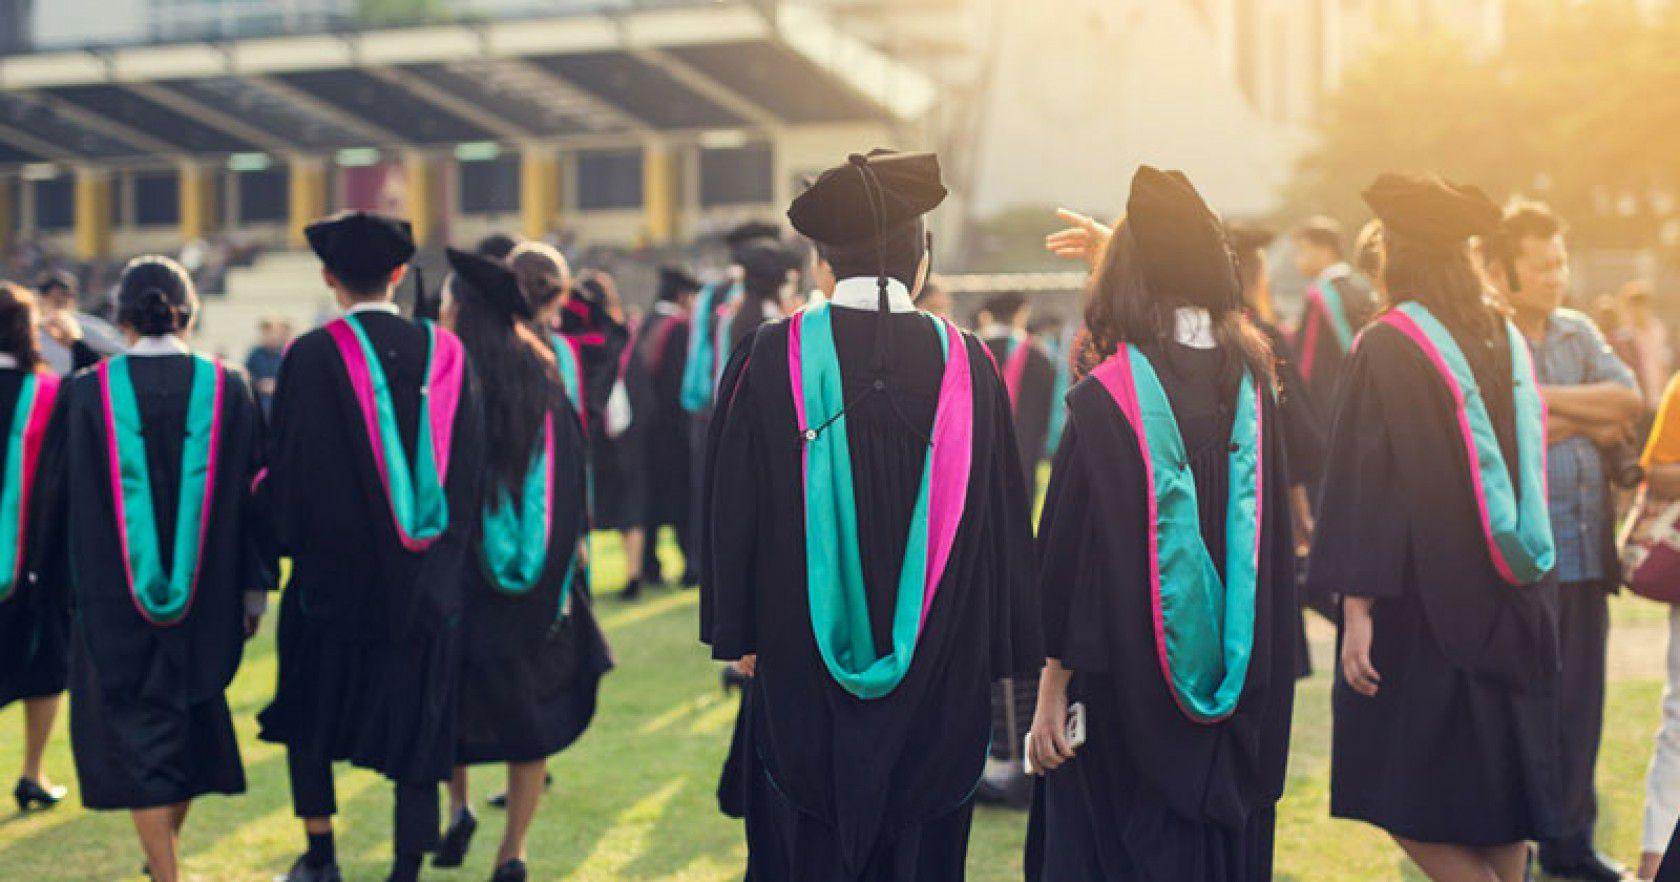 İsviçre Lise Eğitimi için Gerekli Evraklar